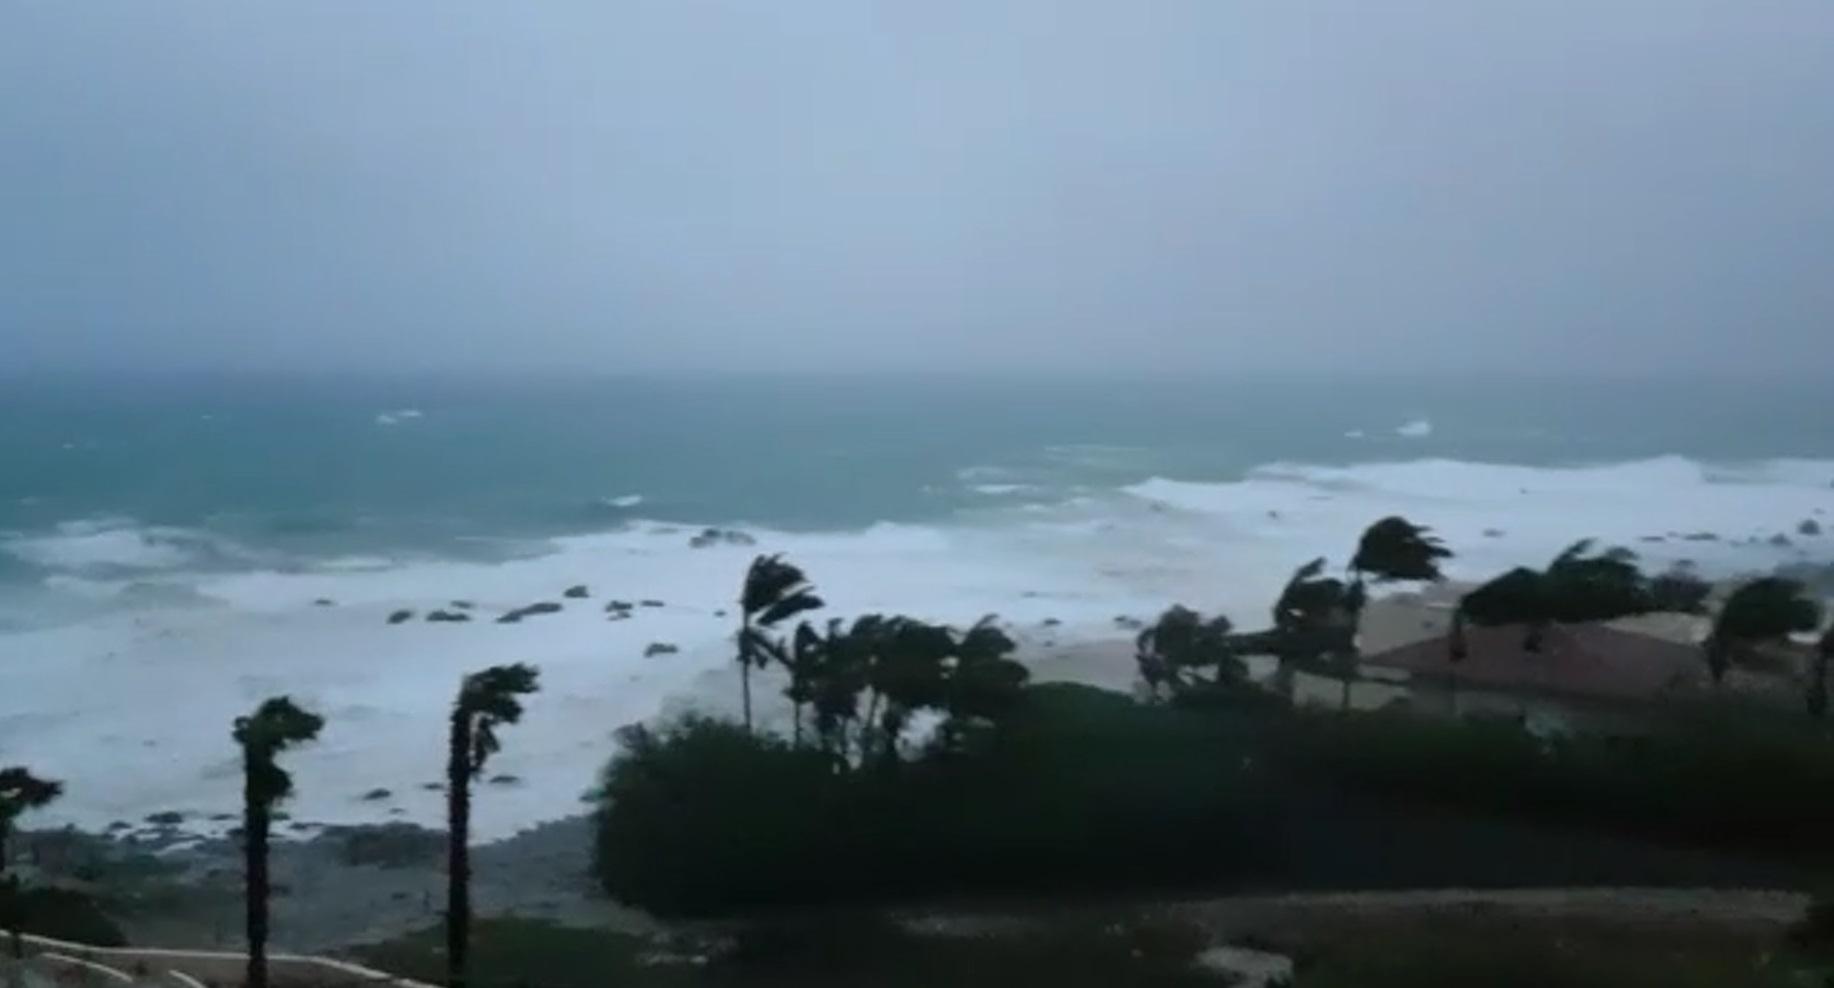 Para este viernes, el SMN prevé que la tormenta tropical Lidia se localice en tierra, al sur de Baja California Sur y continúe avanzando hacia el noroeste. Foto: Captura de pantalla.